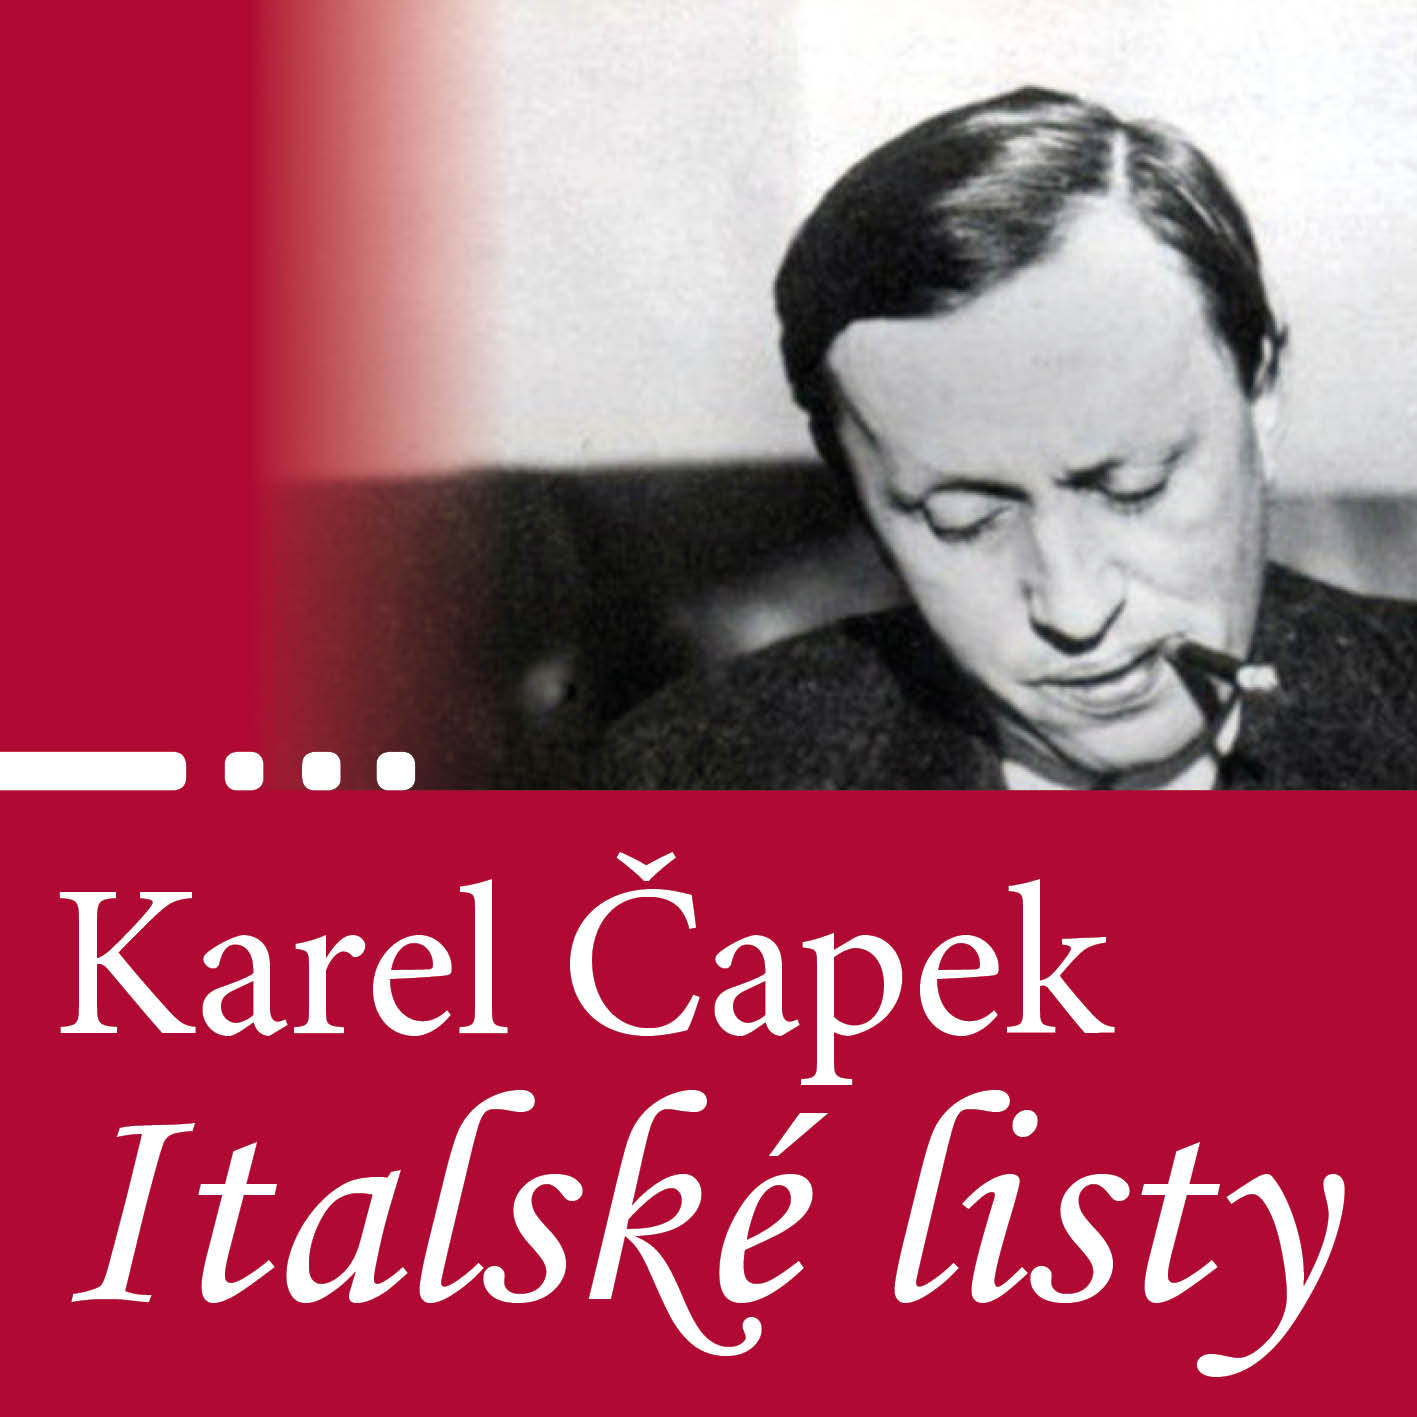 Capek_Karel_Italske_listy_2018